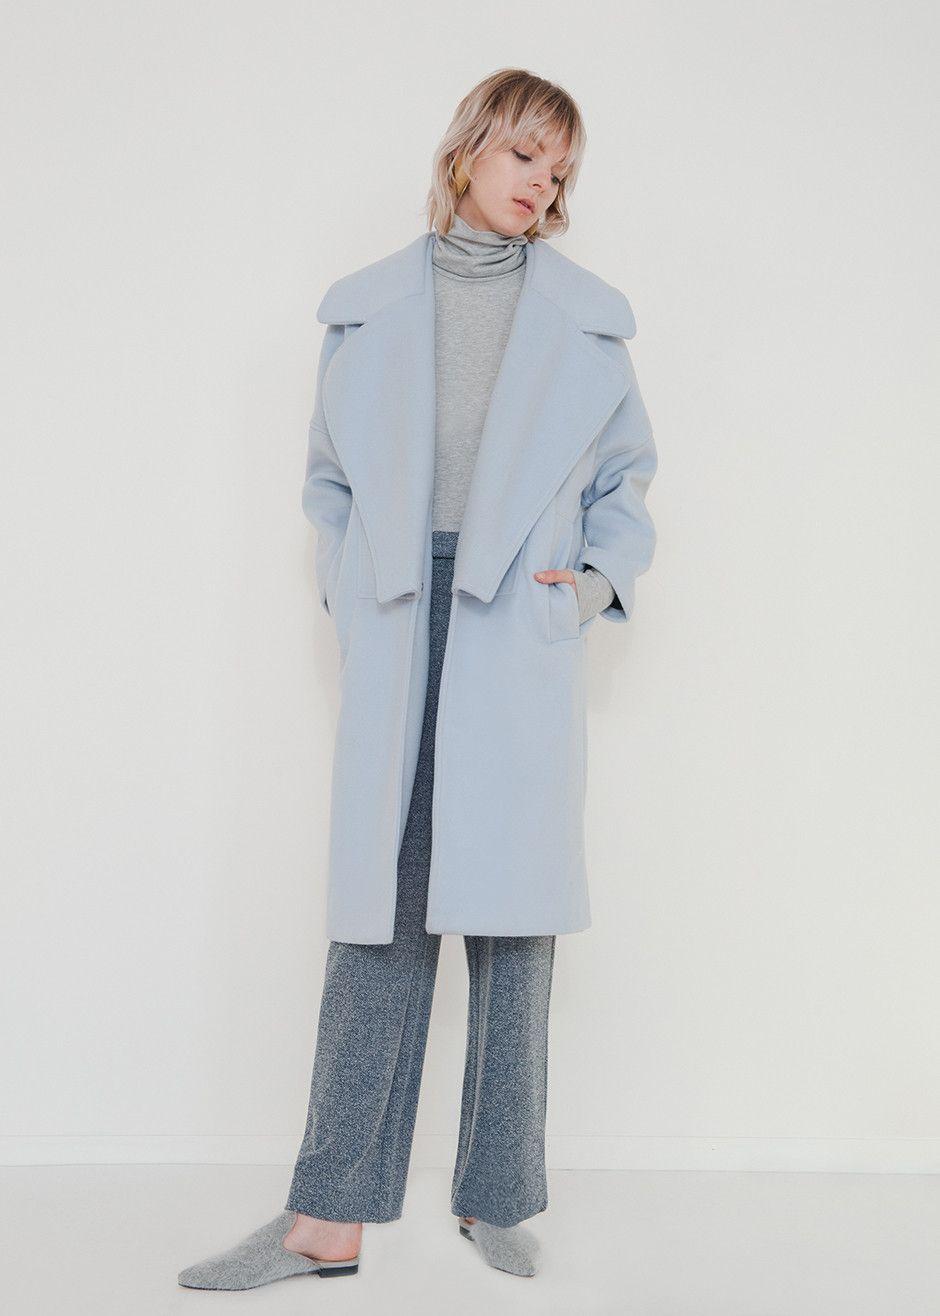 Light Blue Lapel Coat – The Frankie Shop